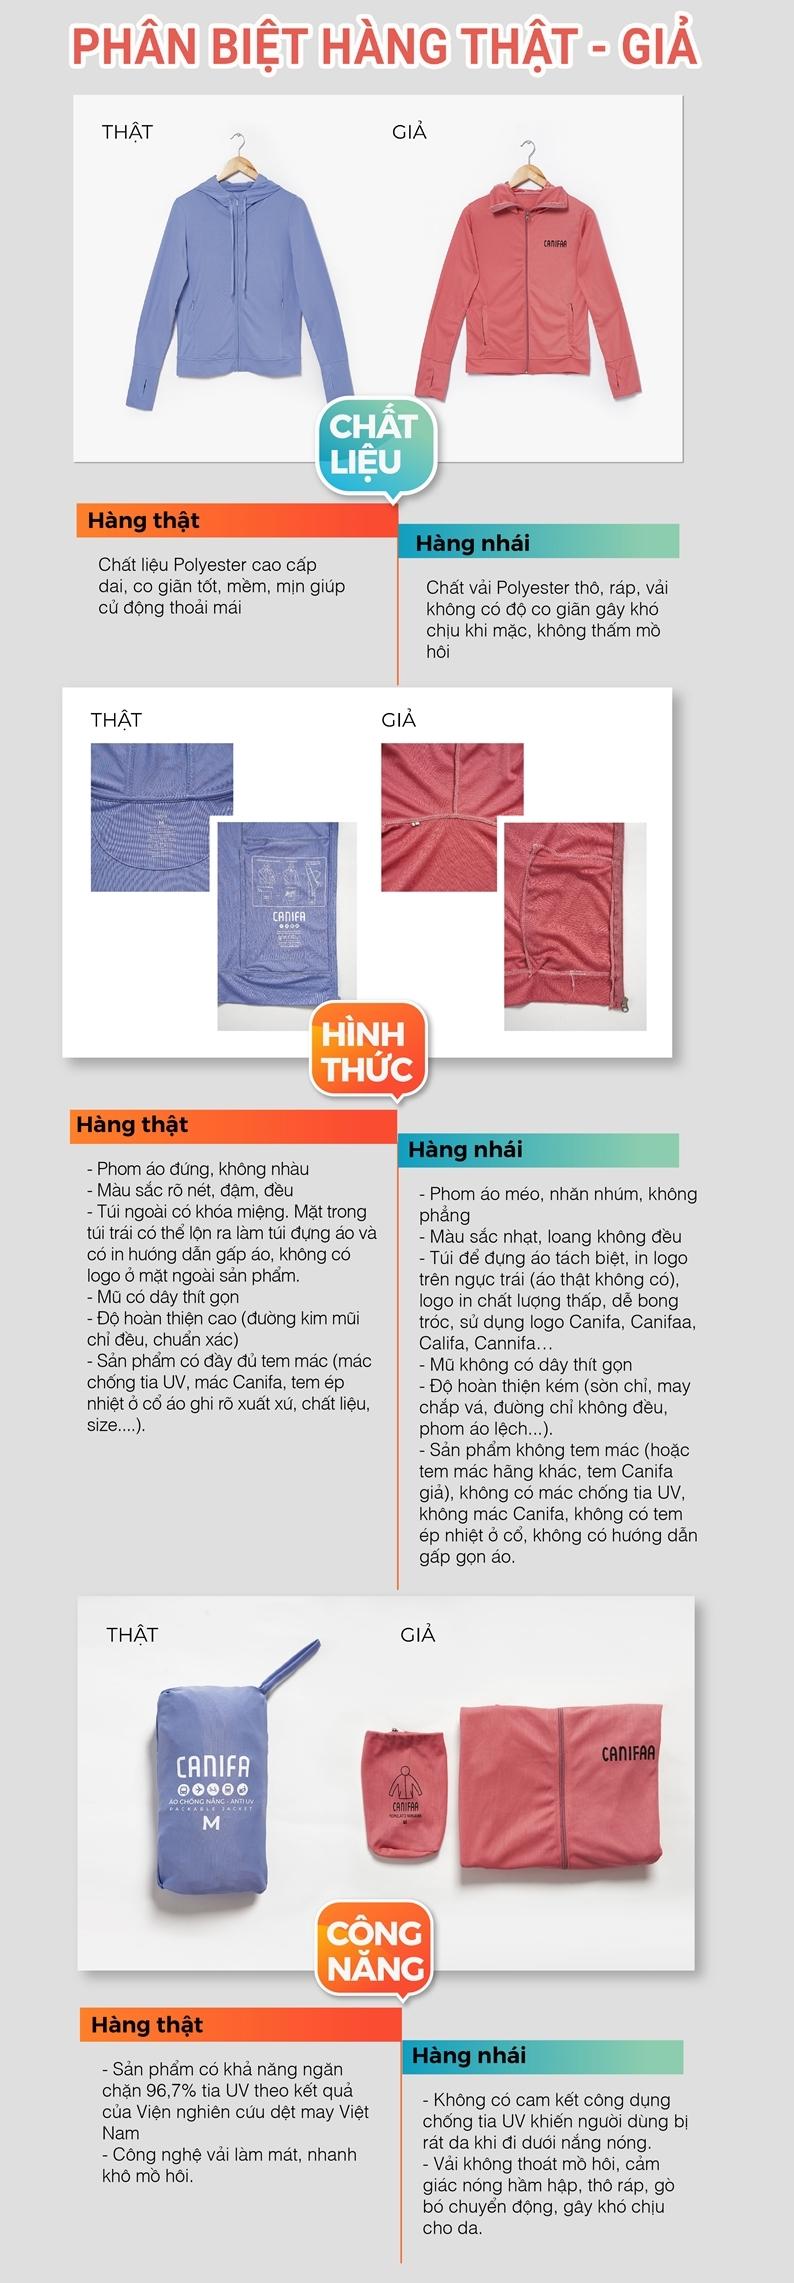 Infographic sau đây giúp bạn phân biệt được sản phẩm CANIFA chính hãng với các sản phẩm kém chất lượng trên thị trường: